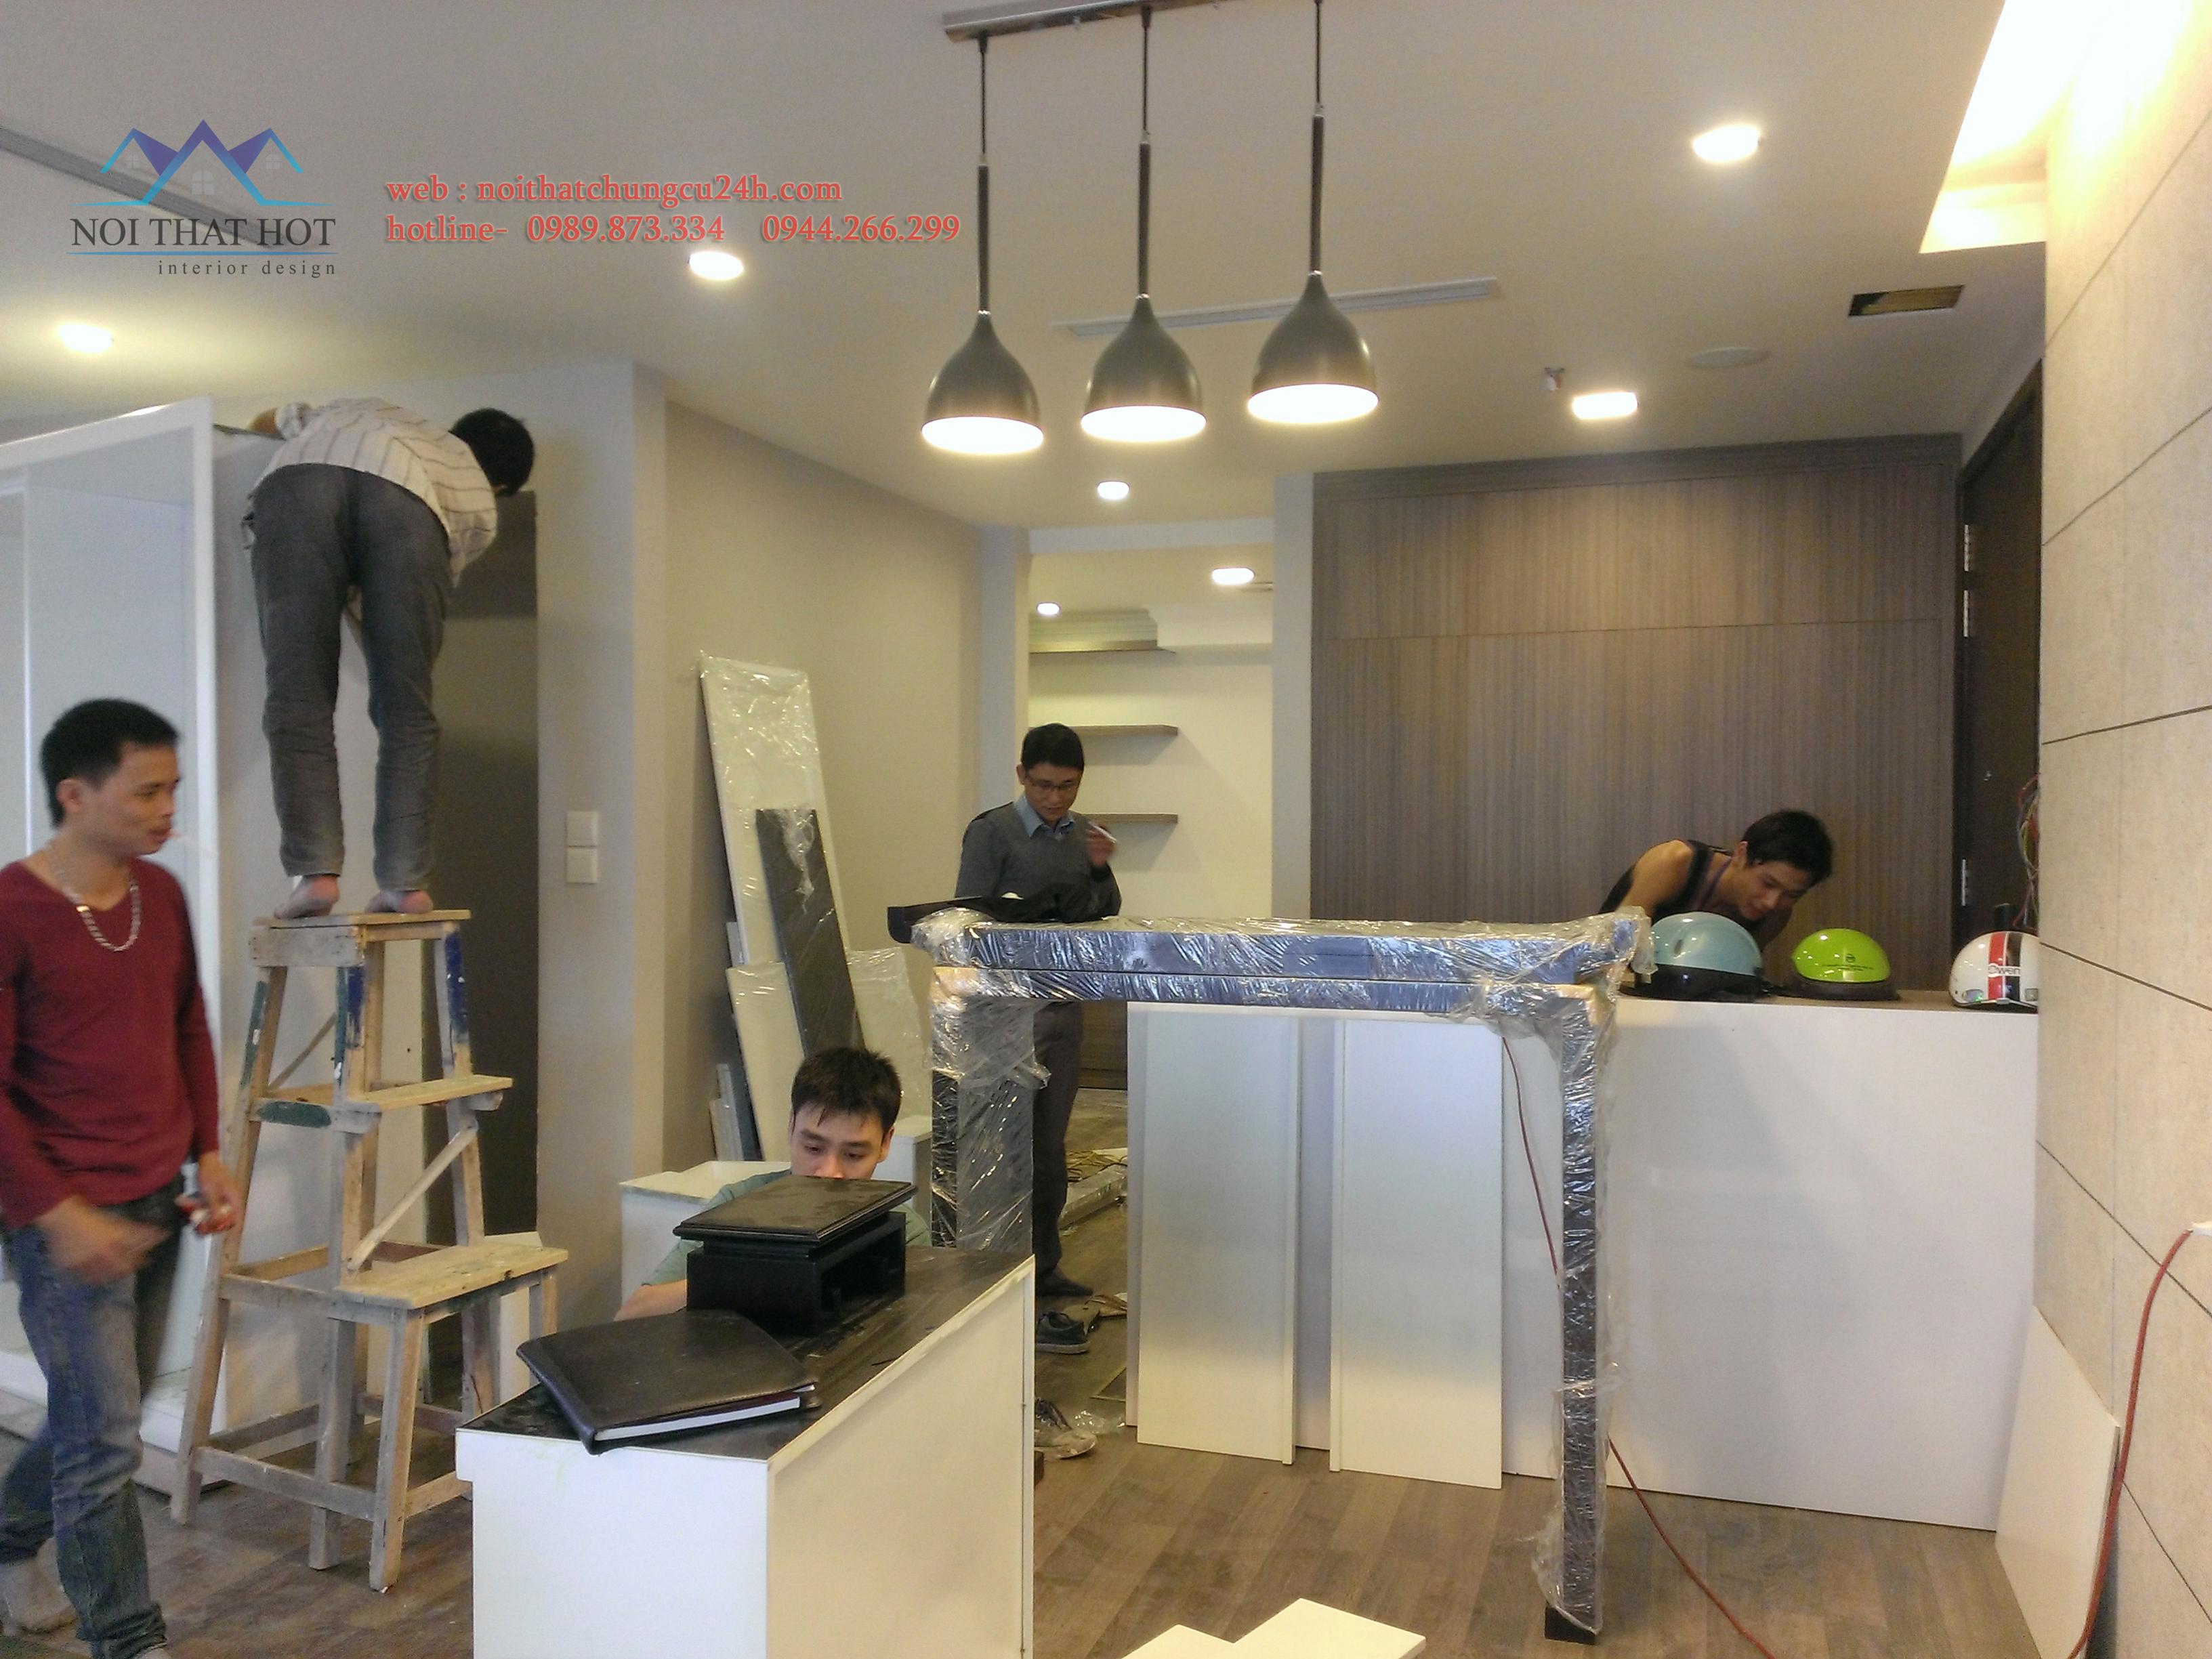 Thi công nội thất chung Hà Nội, thiết kế nội thât chung cư